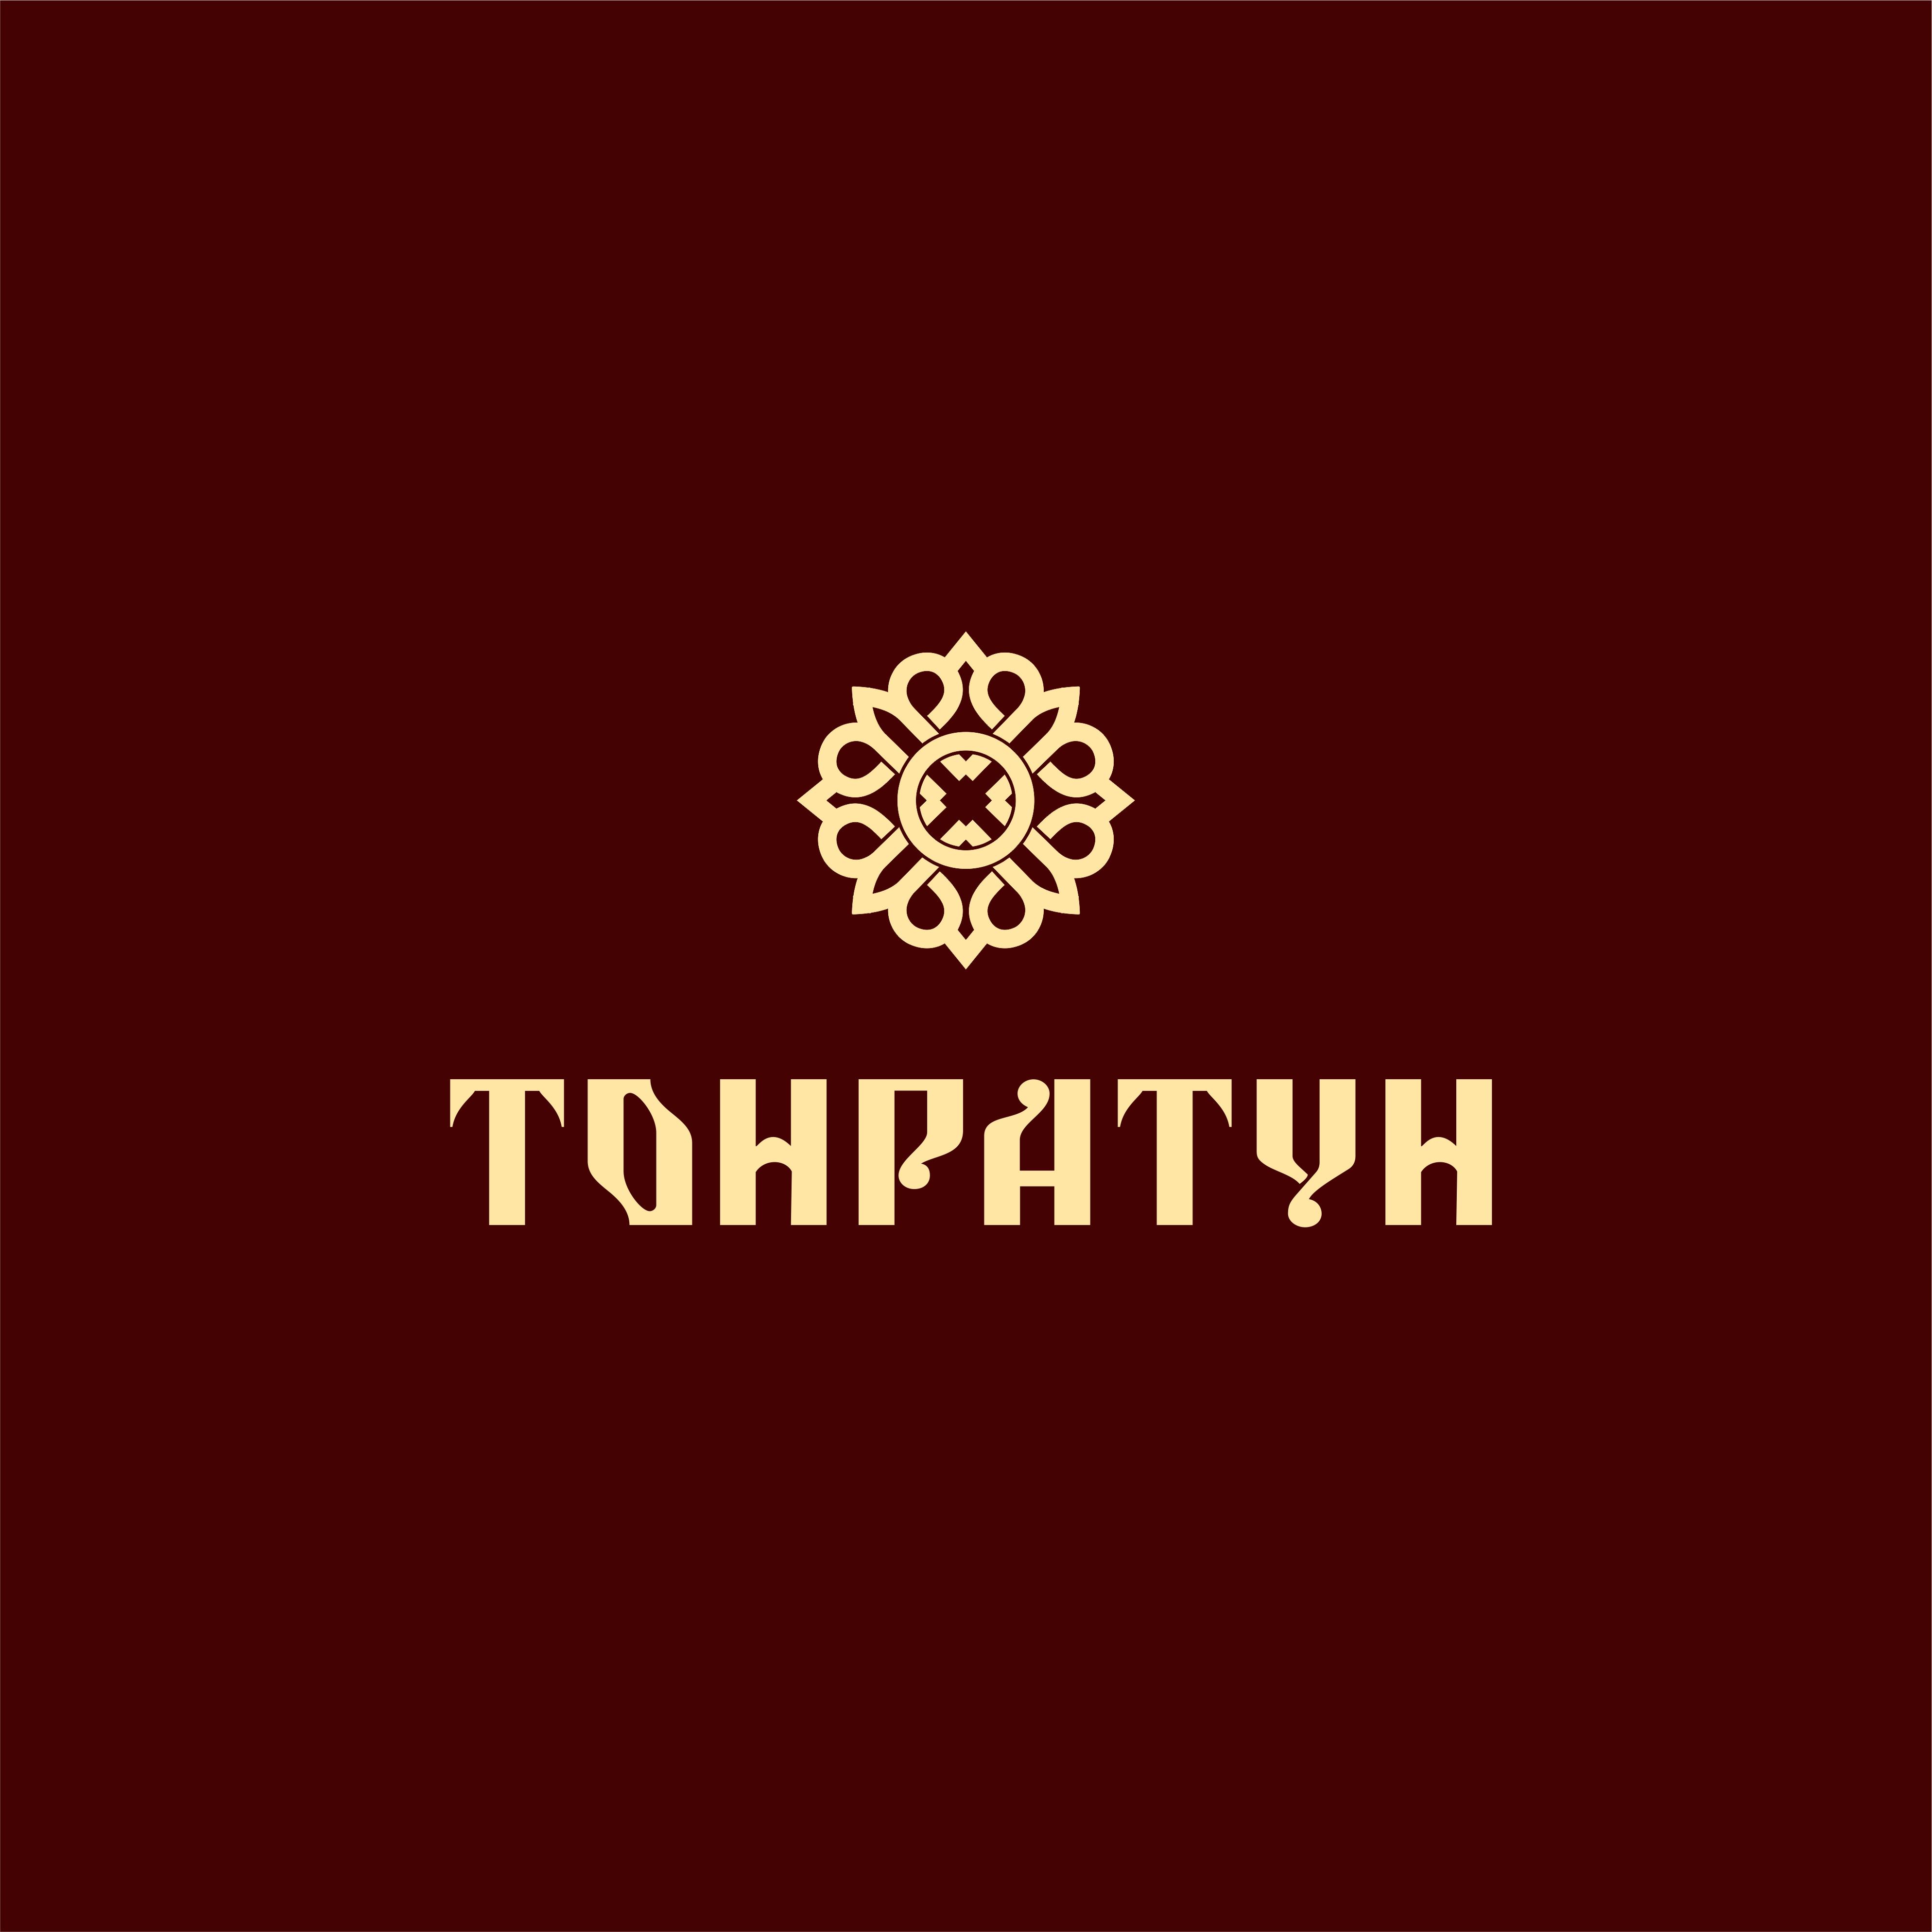 Логотип для Пекарни-Тандырной  фото f_6035d8f90e00683f.jpg